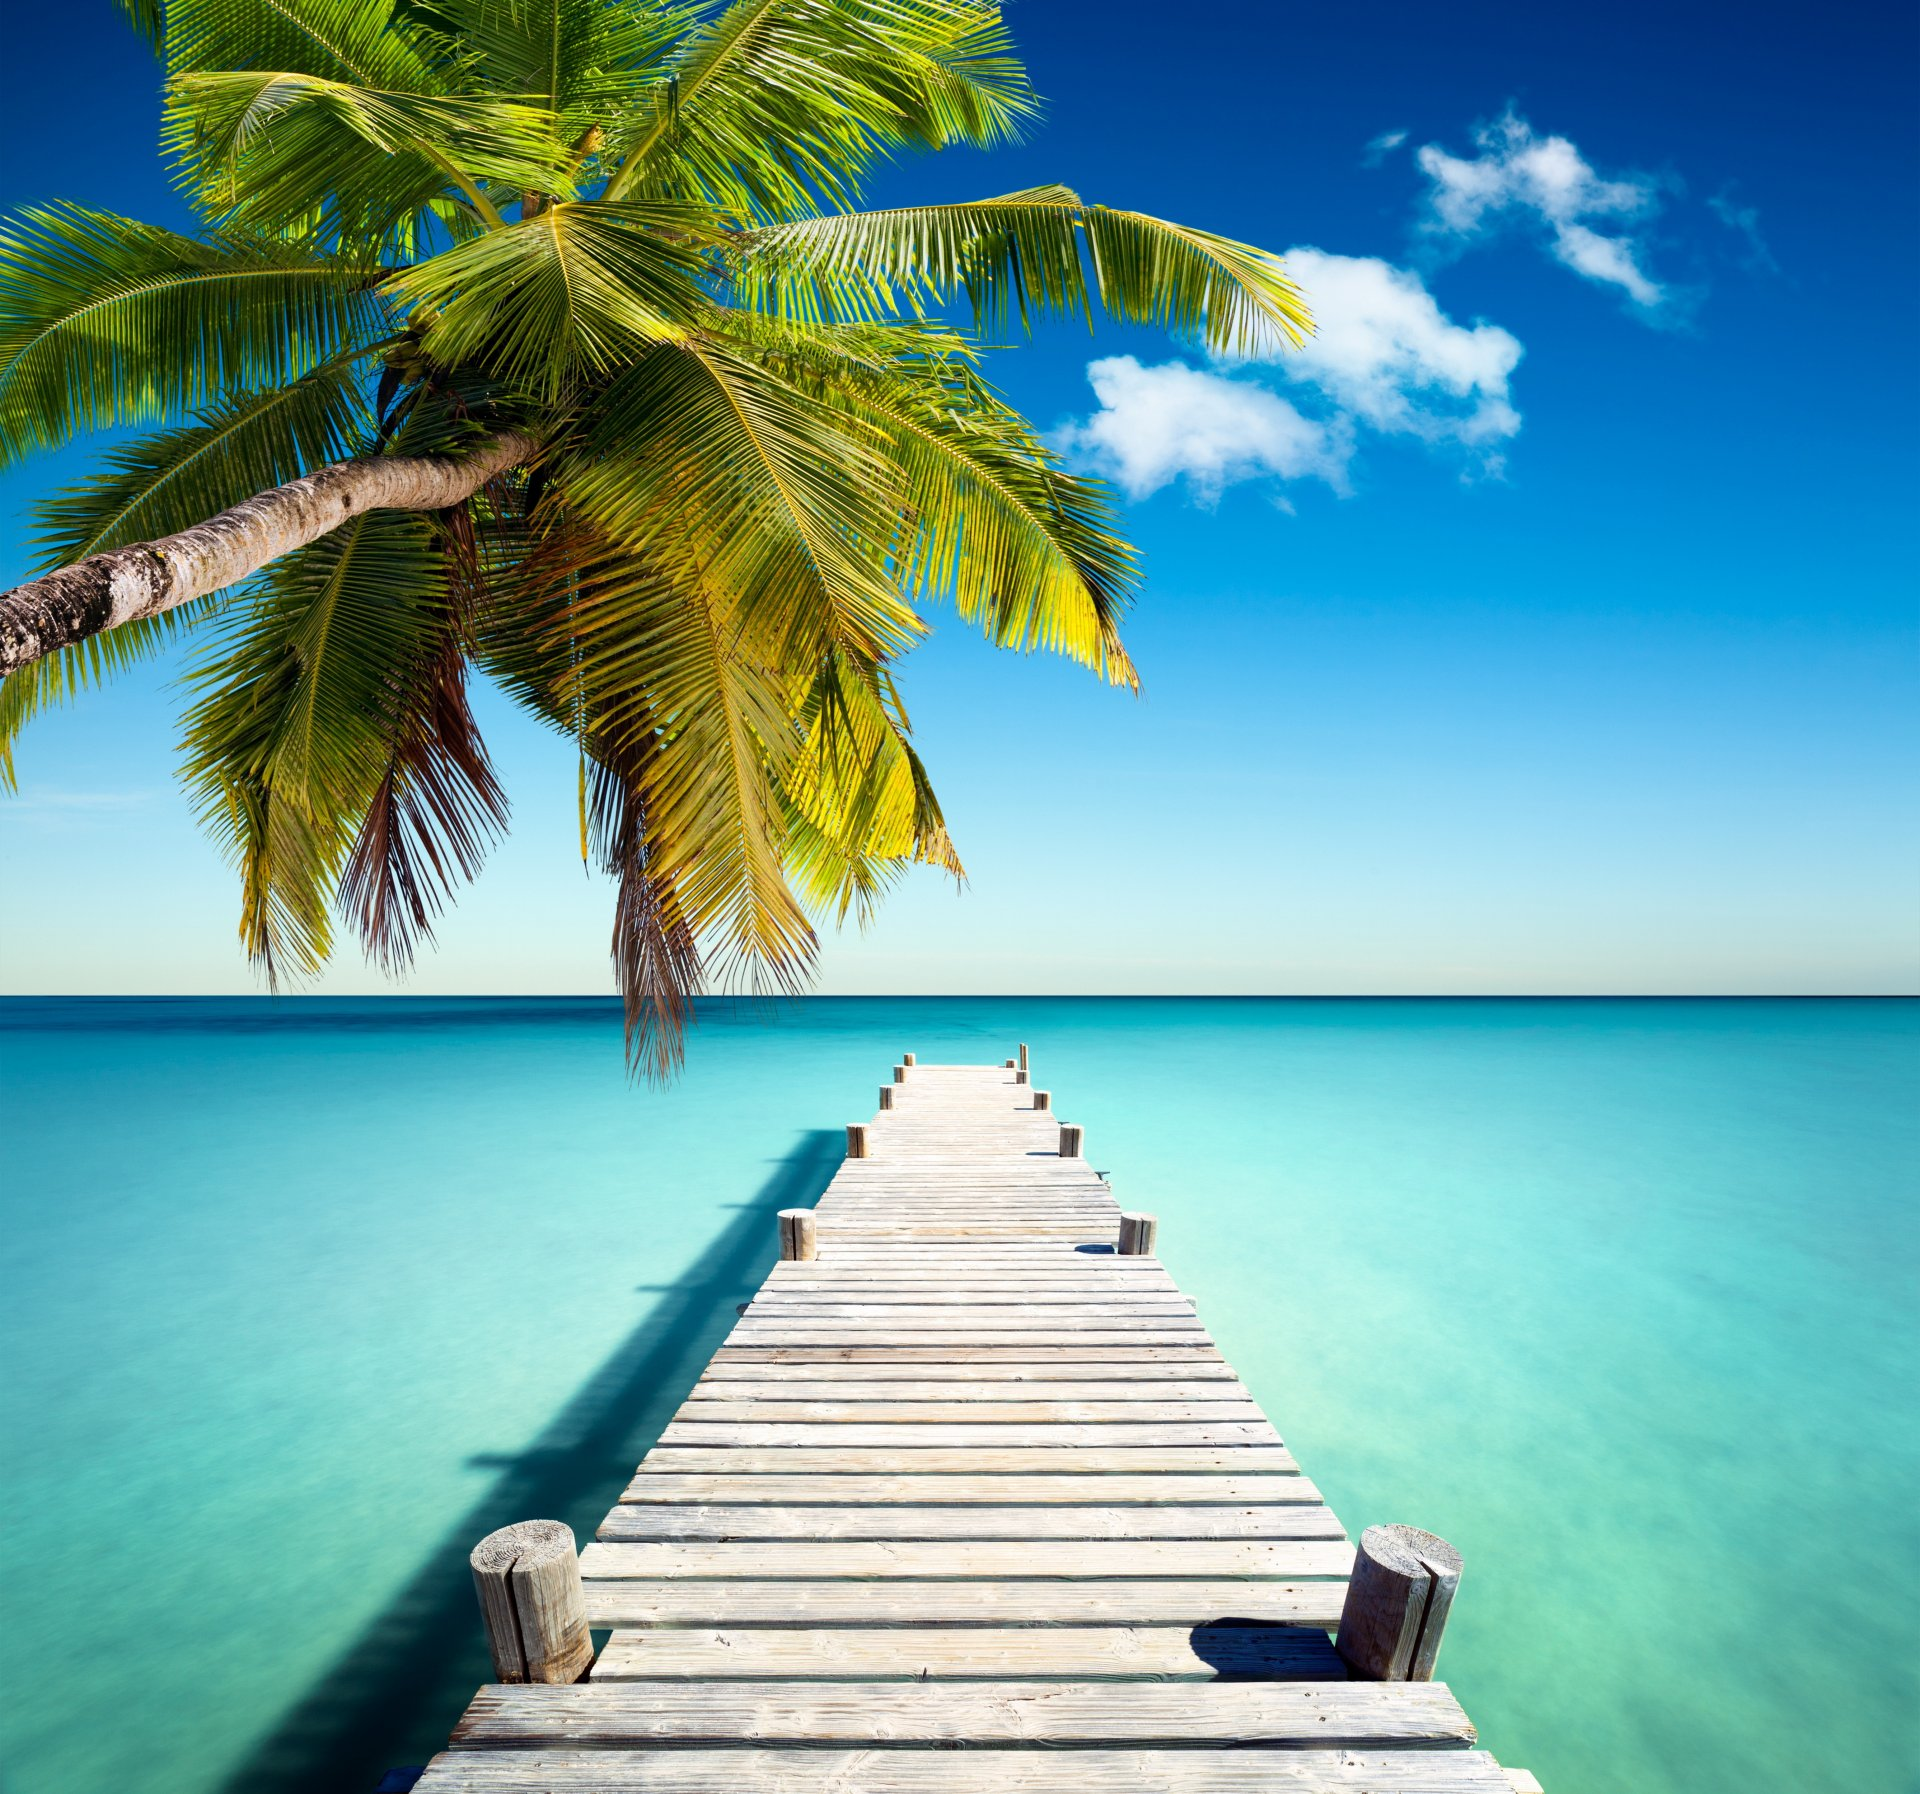 Обои Вода, отражения, Пальма, пирс, бассейн. Пейзажи foto 9